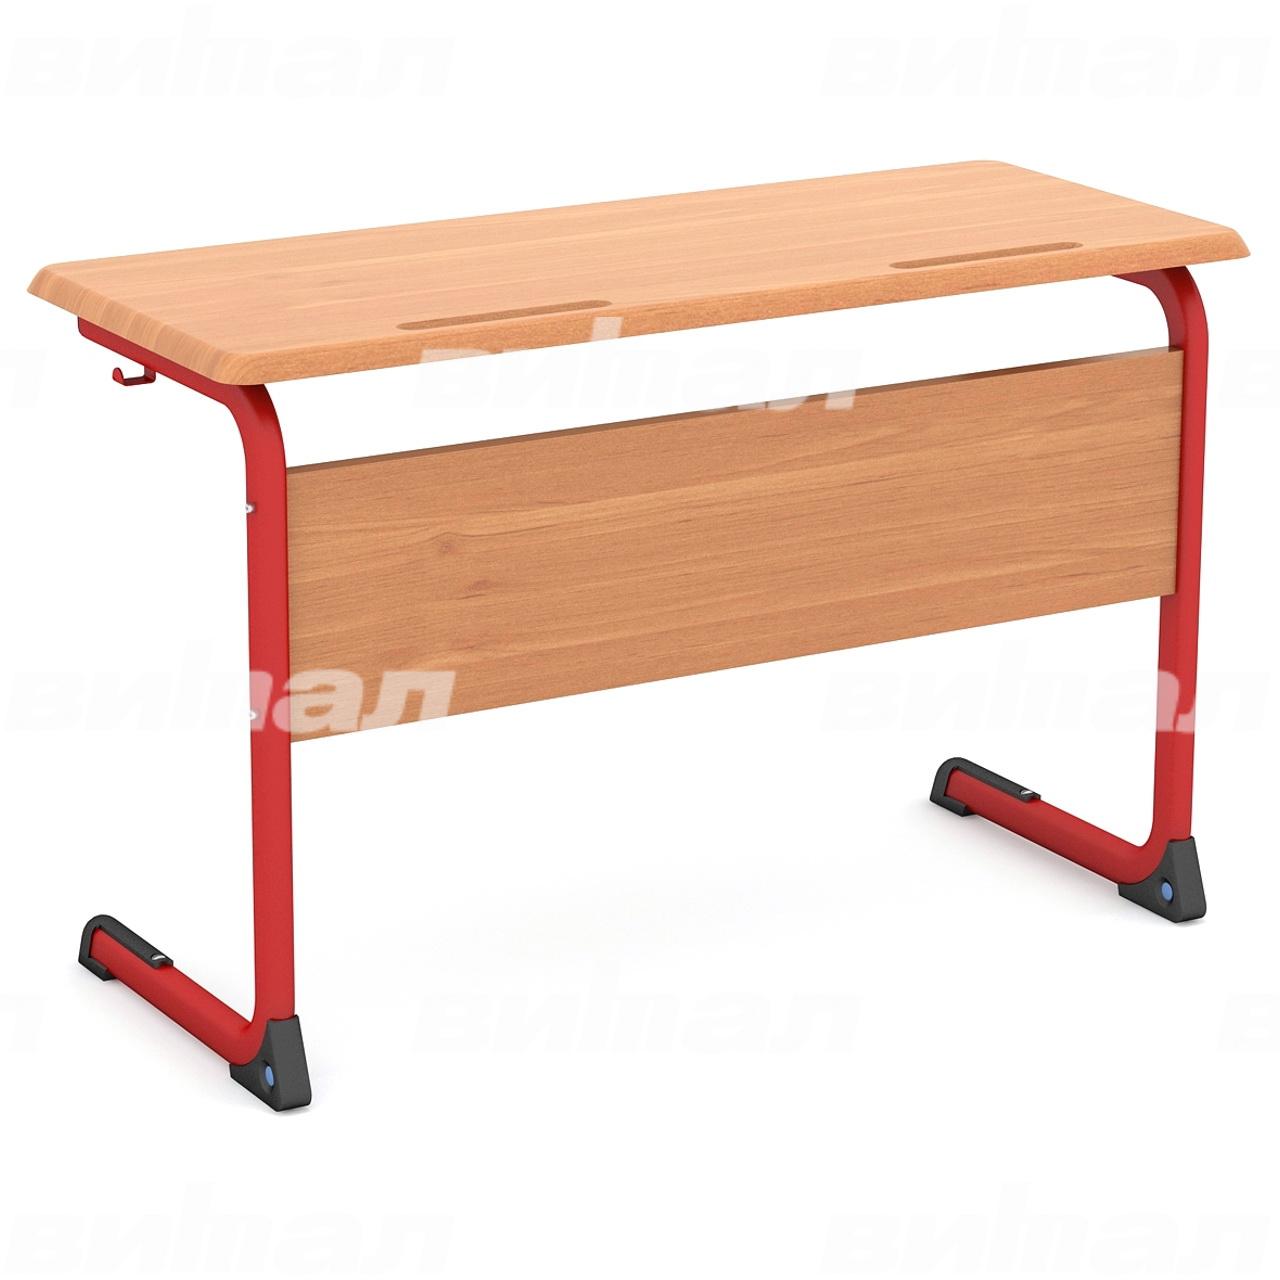 Стол ученический 2-местный нерегулируемый (гр. 3, 4, 5 или 6) МДФ красный Бук 3 МДФ плоскоовальная